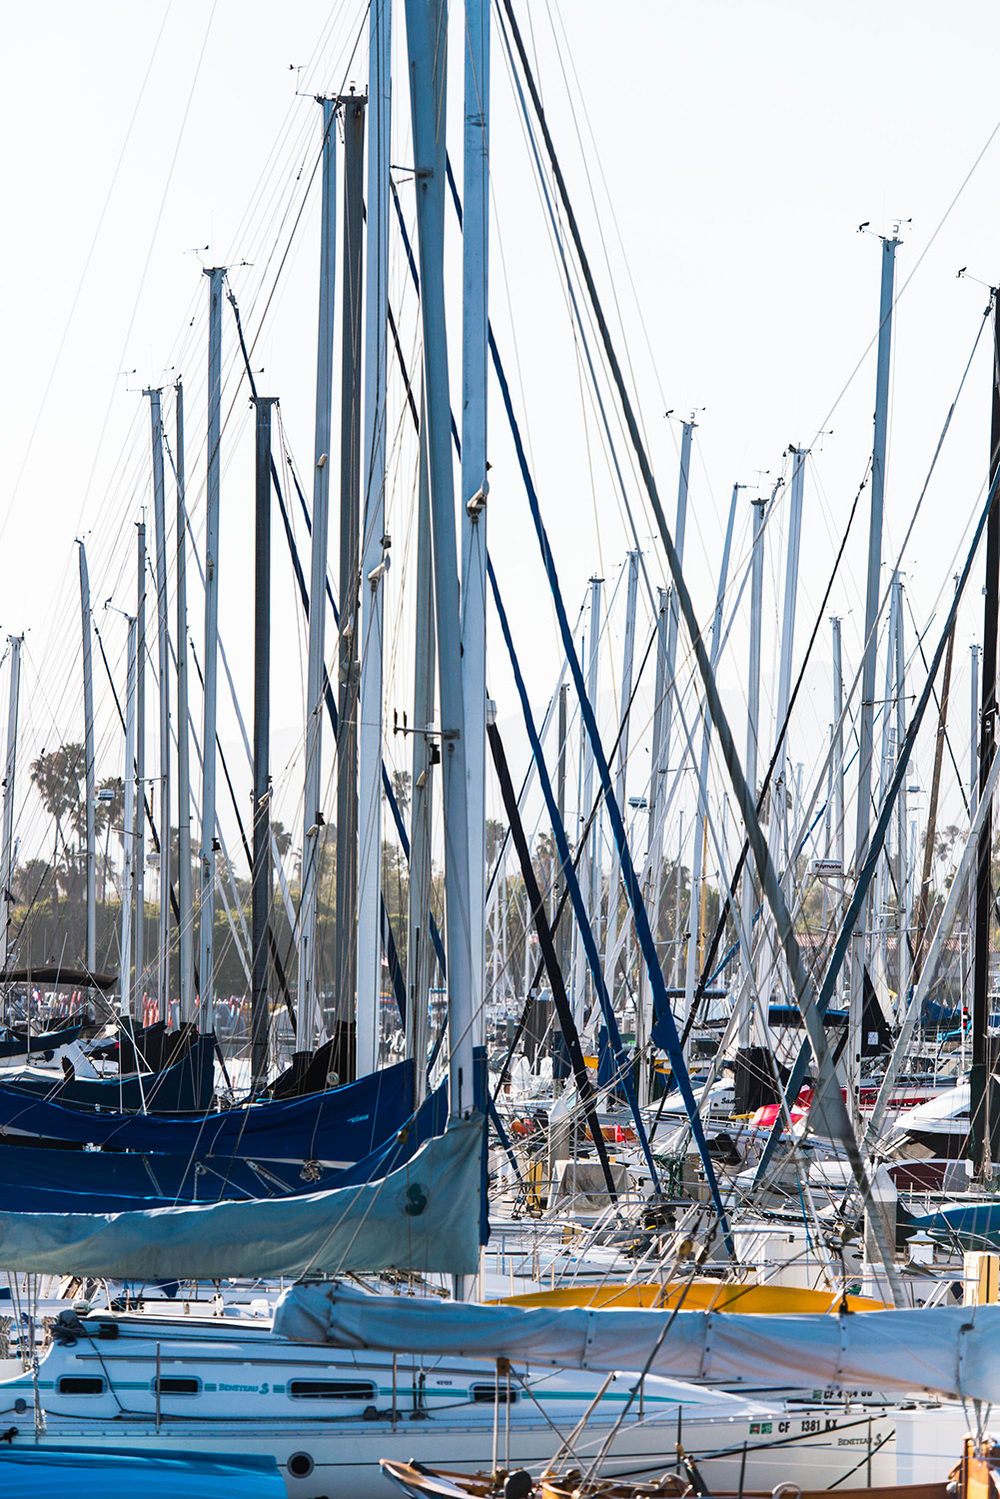 park_k_SB boats.jpg